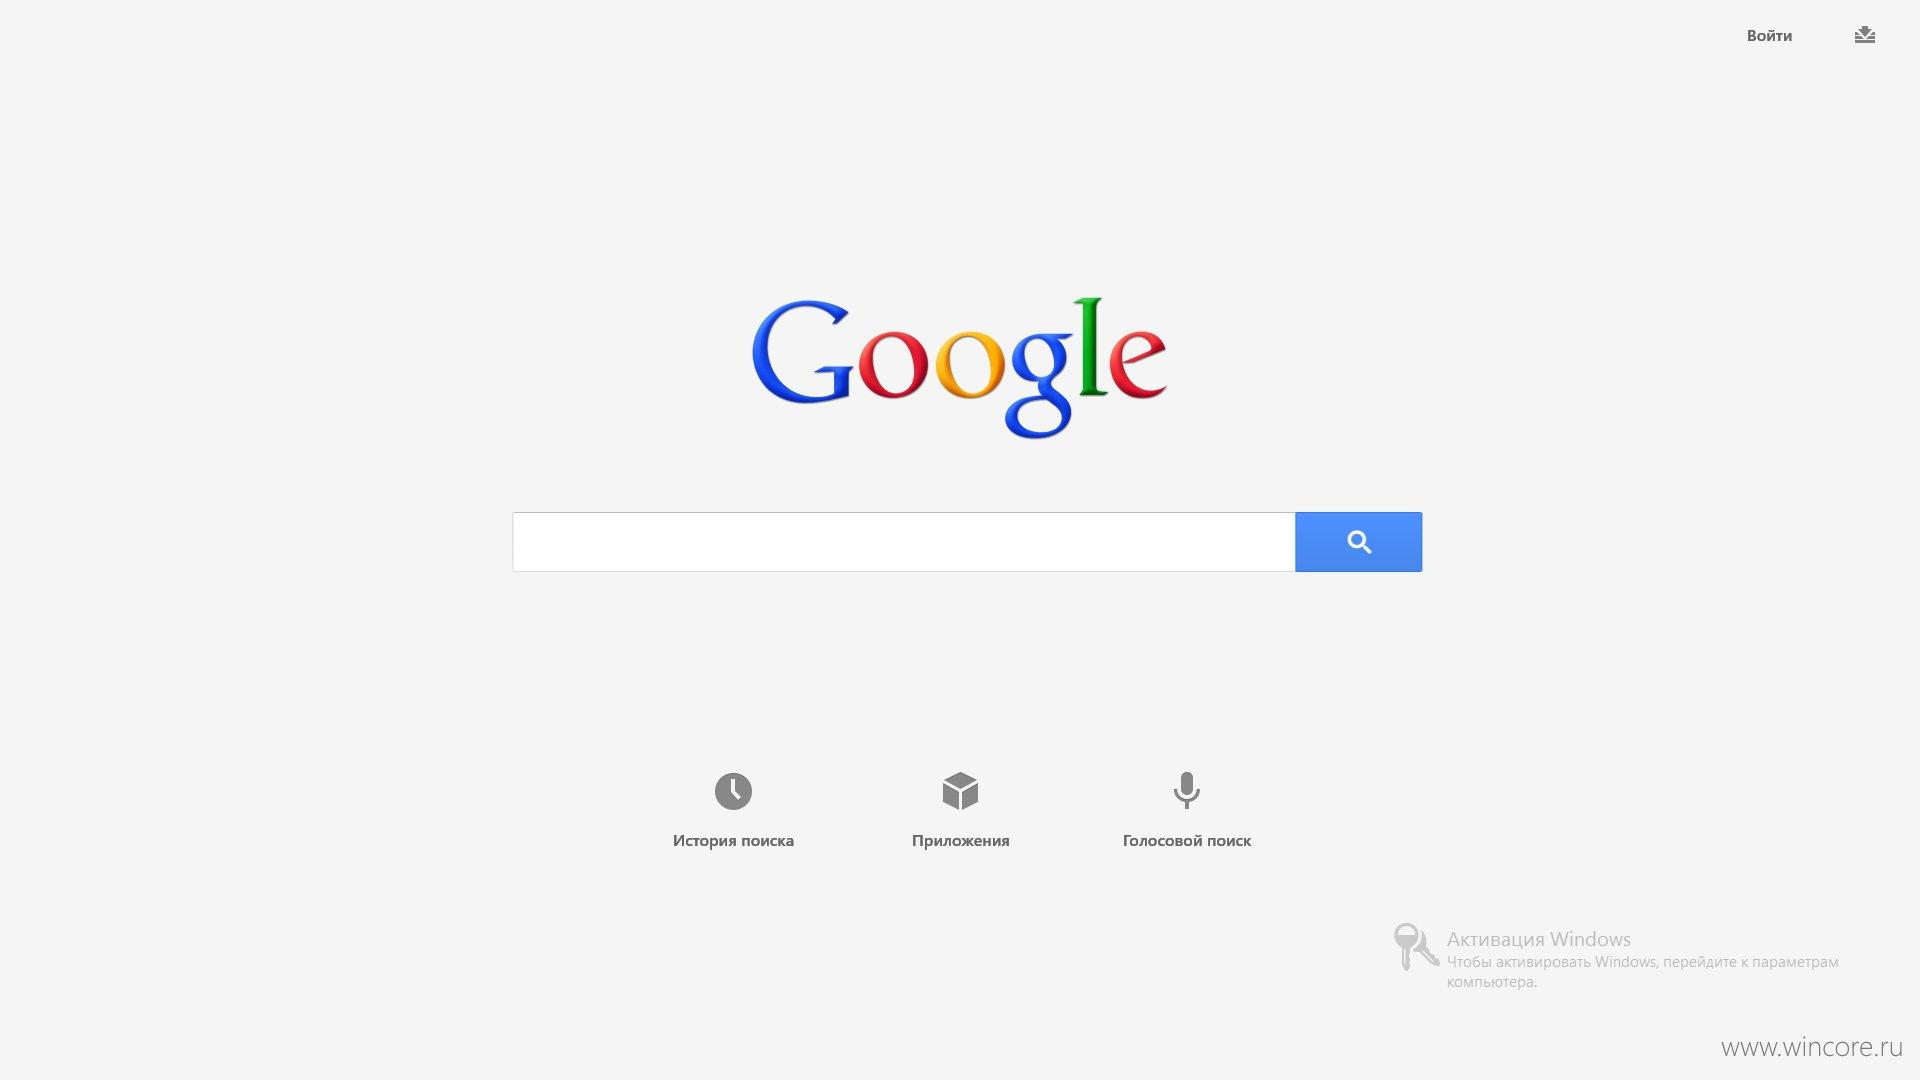 поиска гугл по картинке